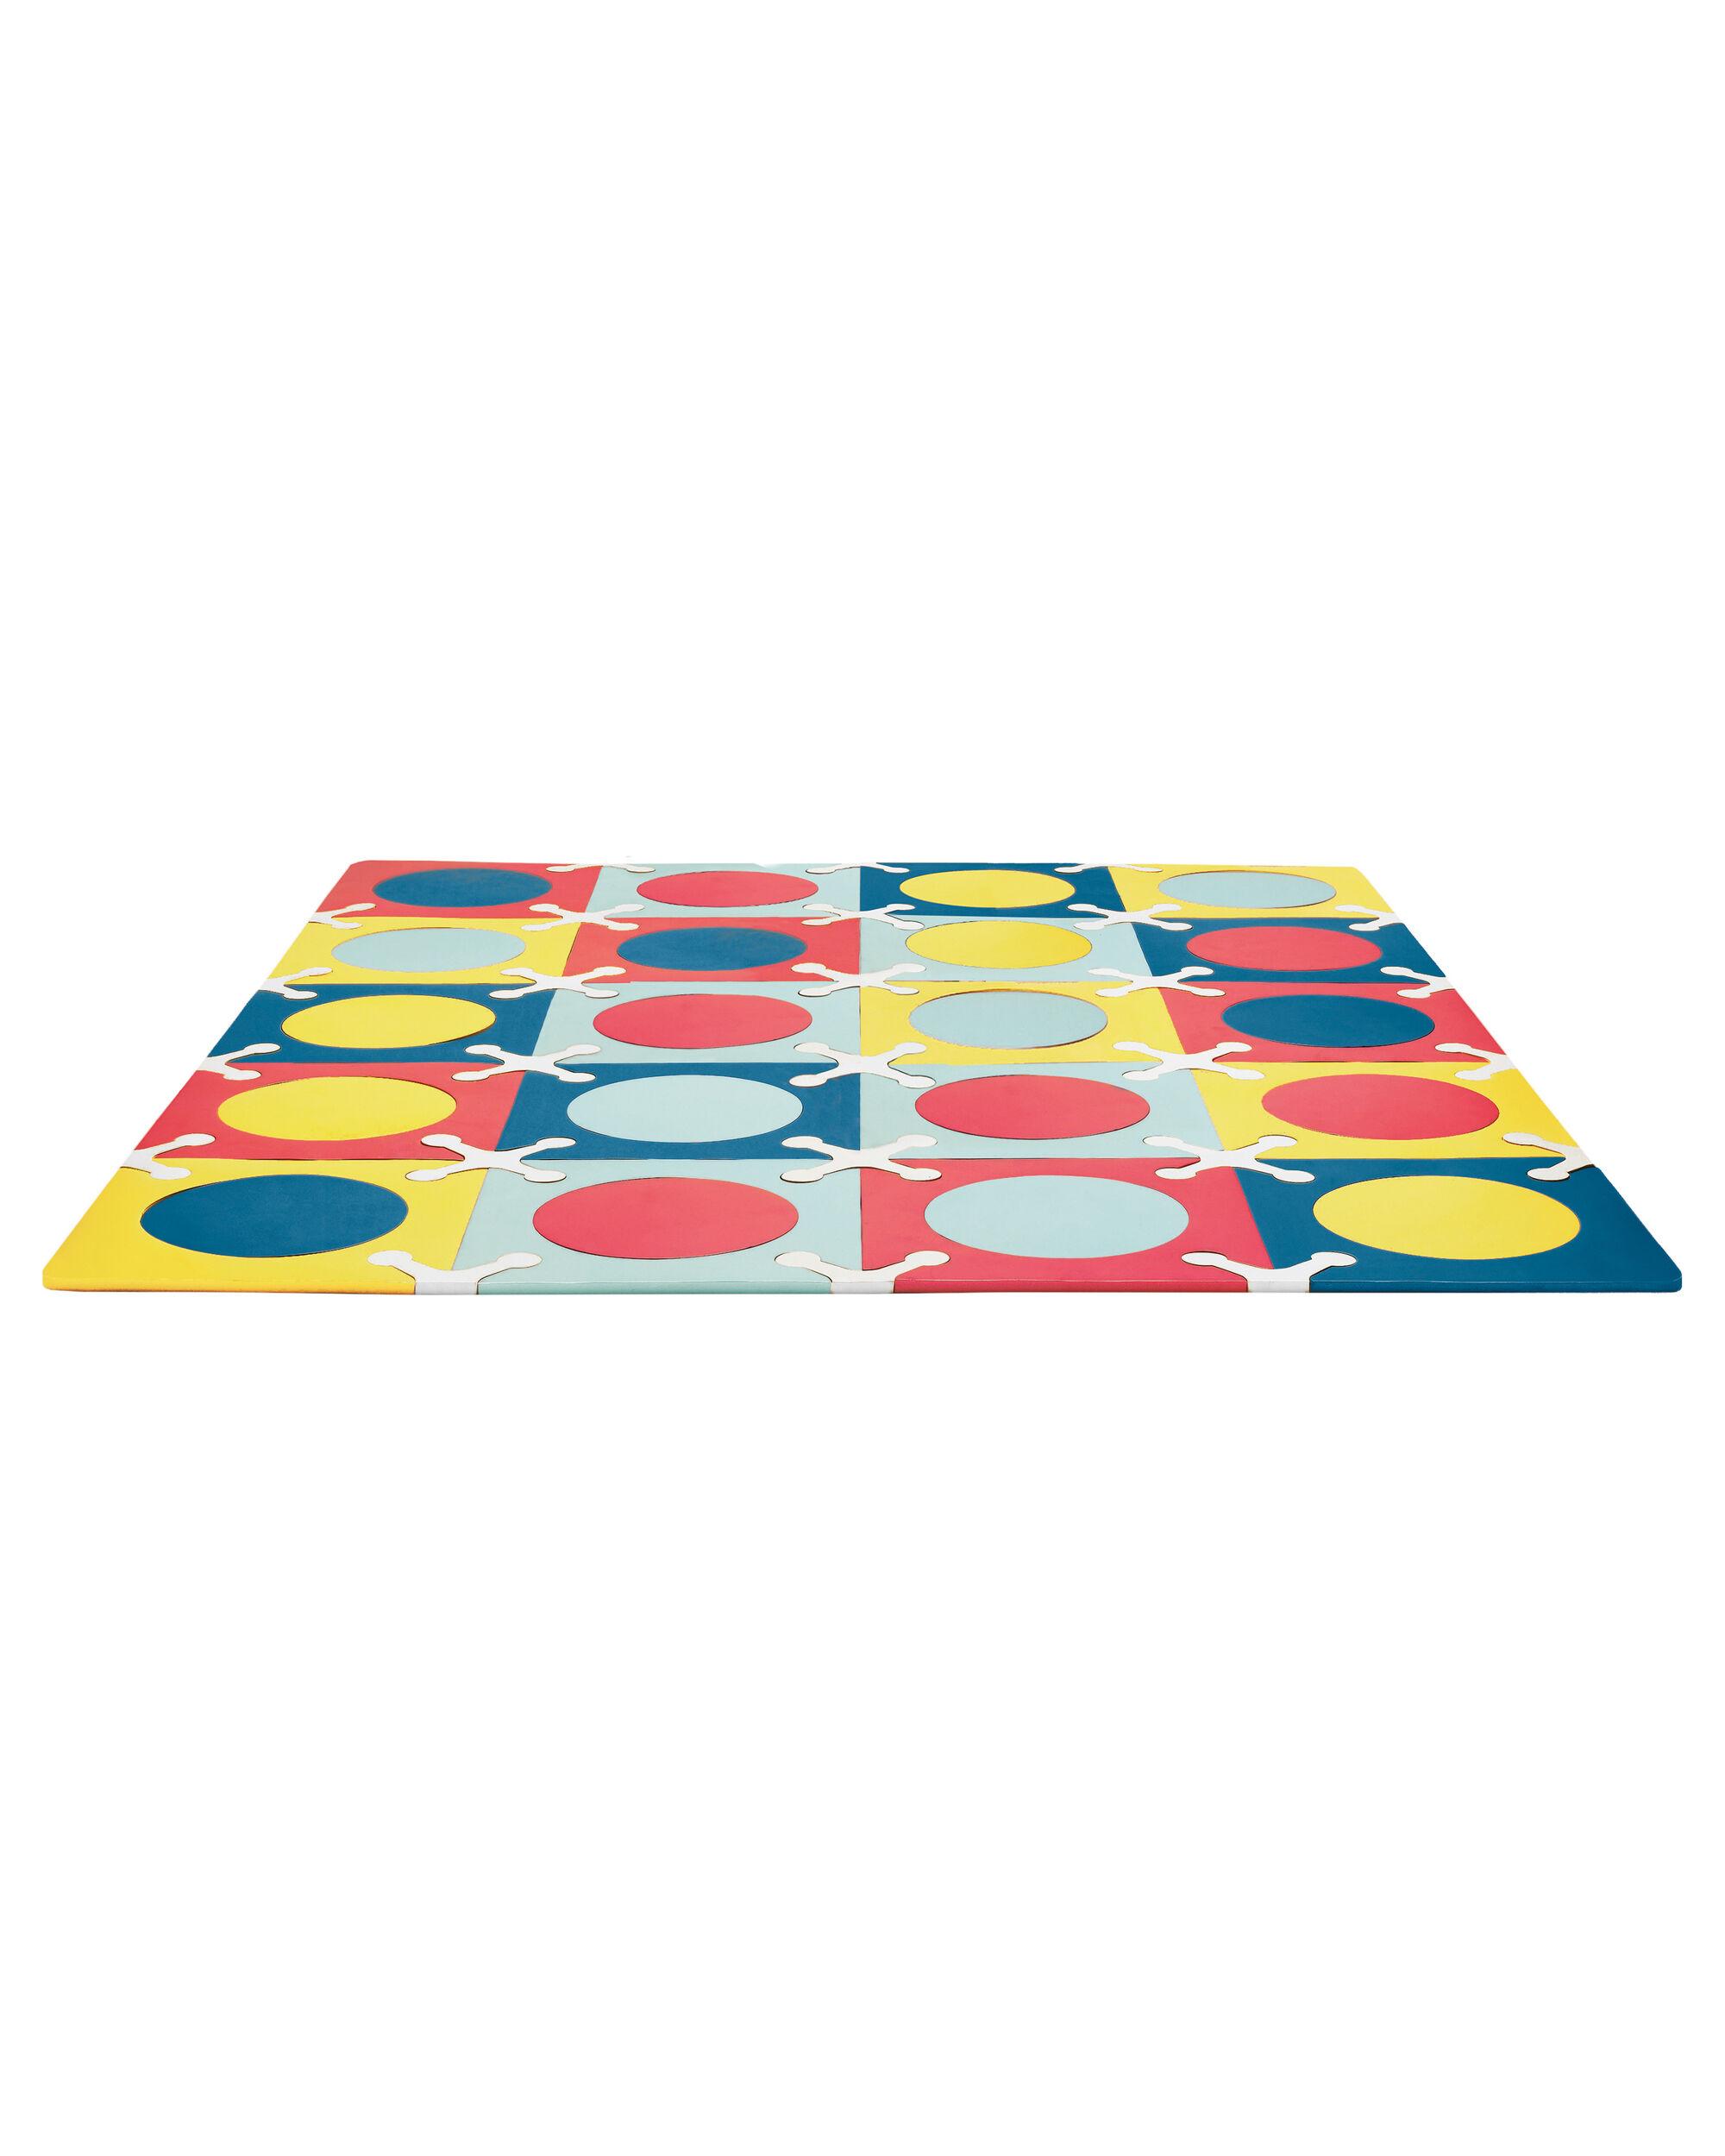 Playspot Interlocking Kid Foam Tiles Skiphop Com